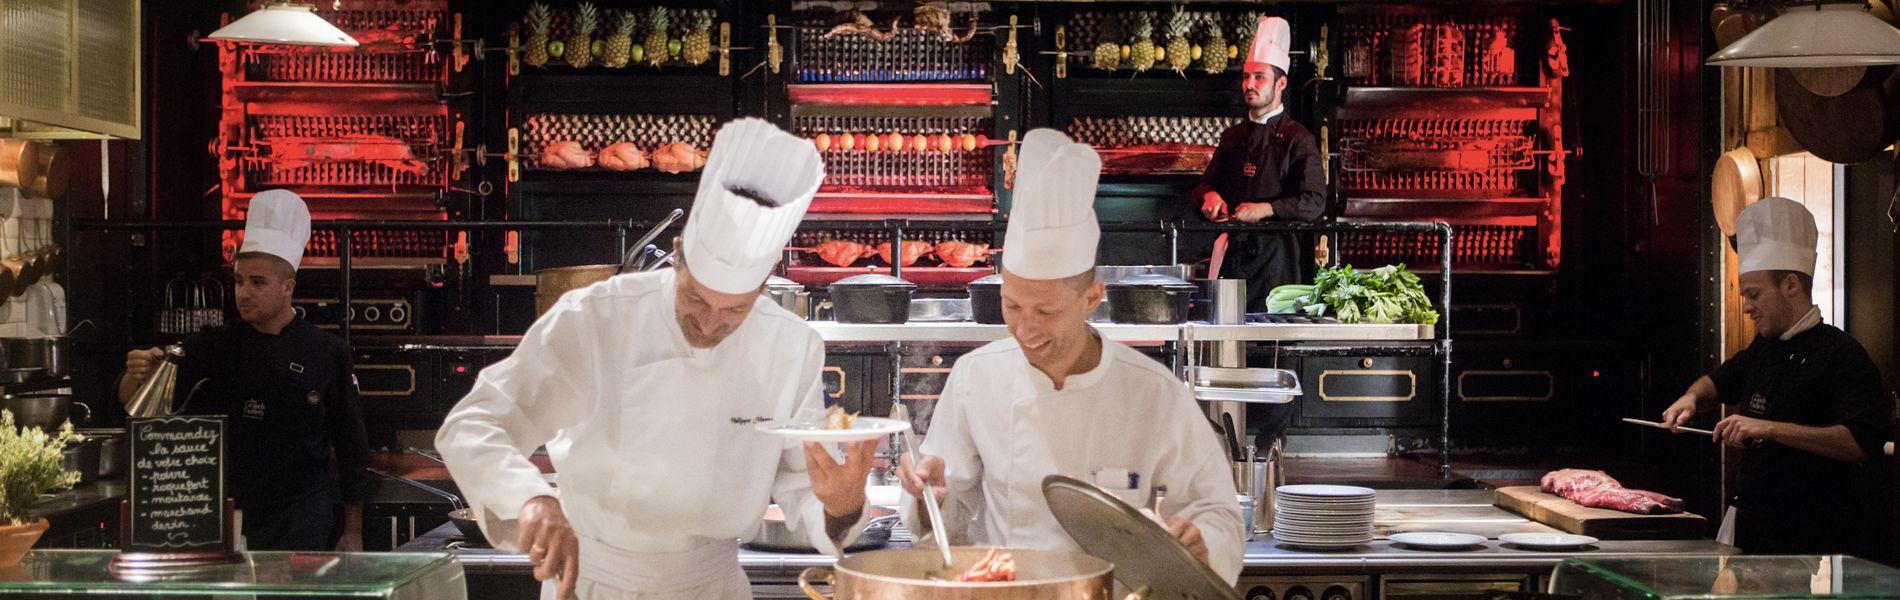 Au coeur des cuisines du restaurant les grands buffets